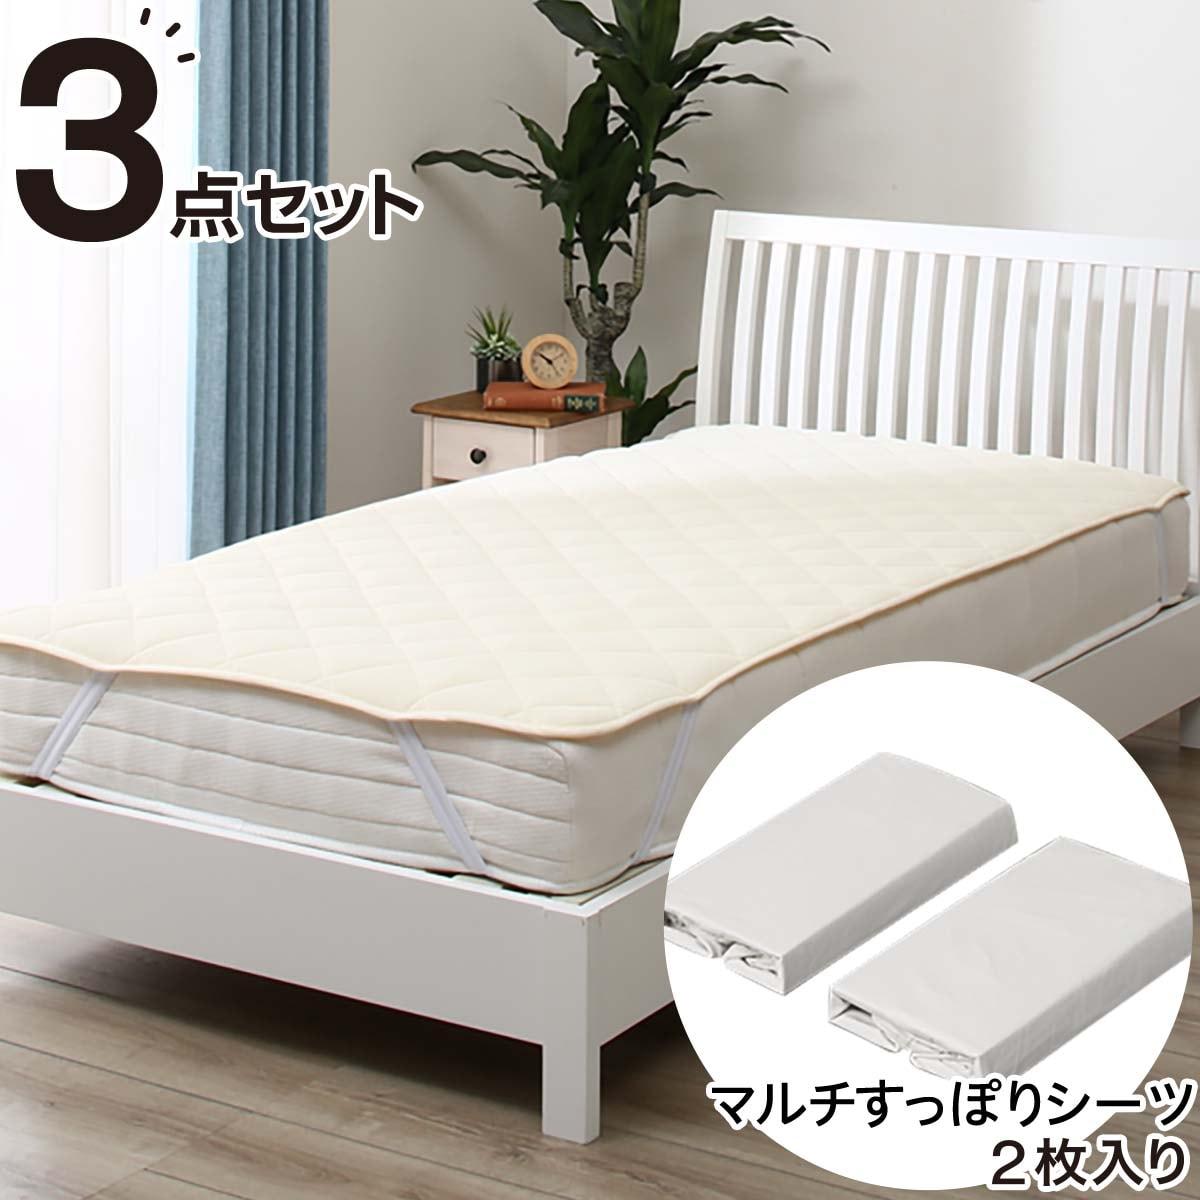 【3点セット】ベッドパッド&マルチすっぽりシーツ ダブル(メッシュ GY D) ニトリ 【送料無料・玄関先迄納品】